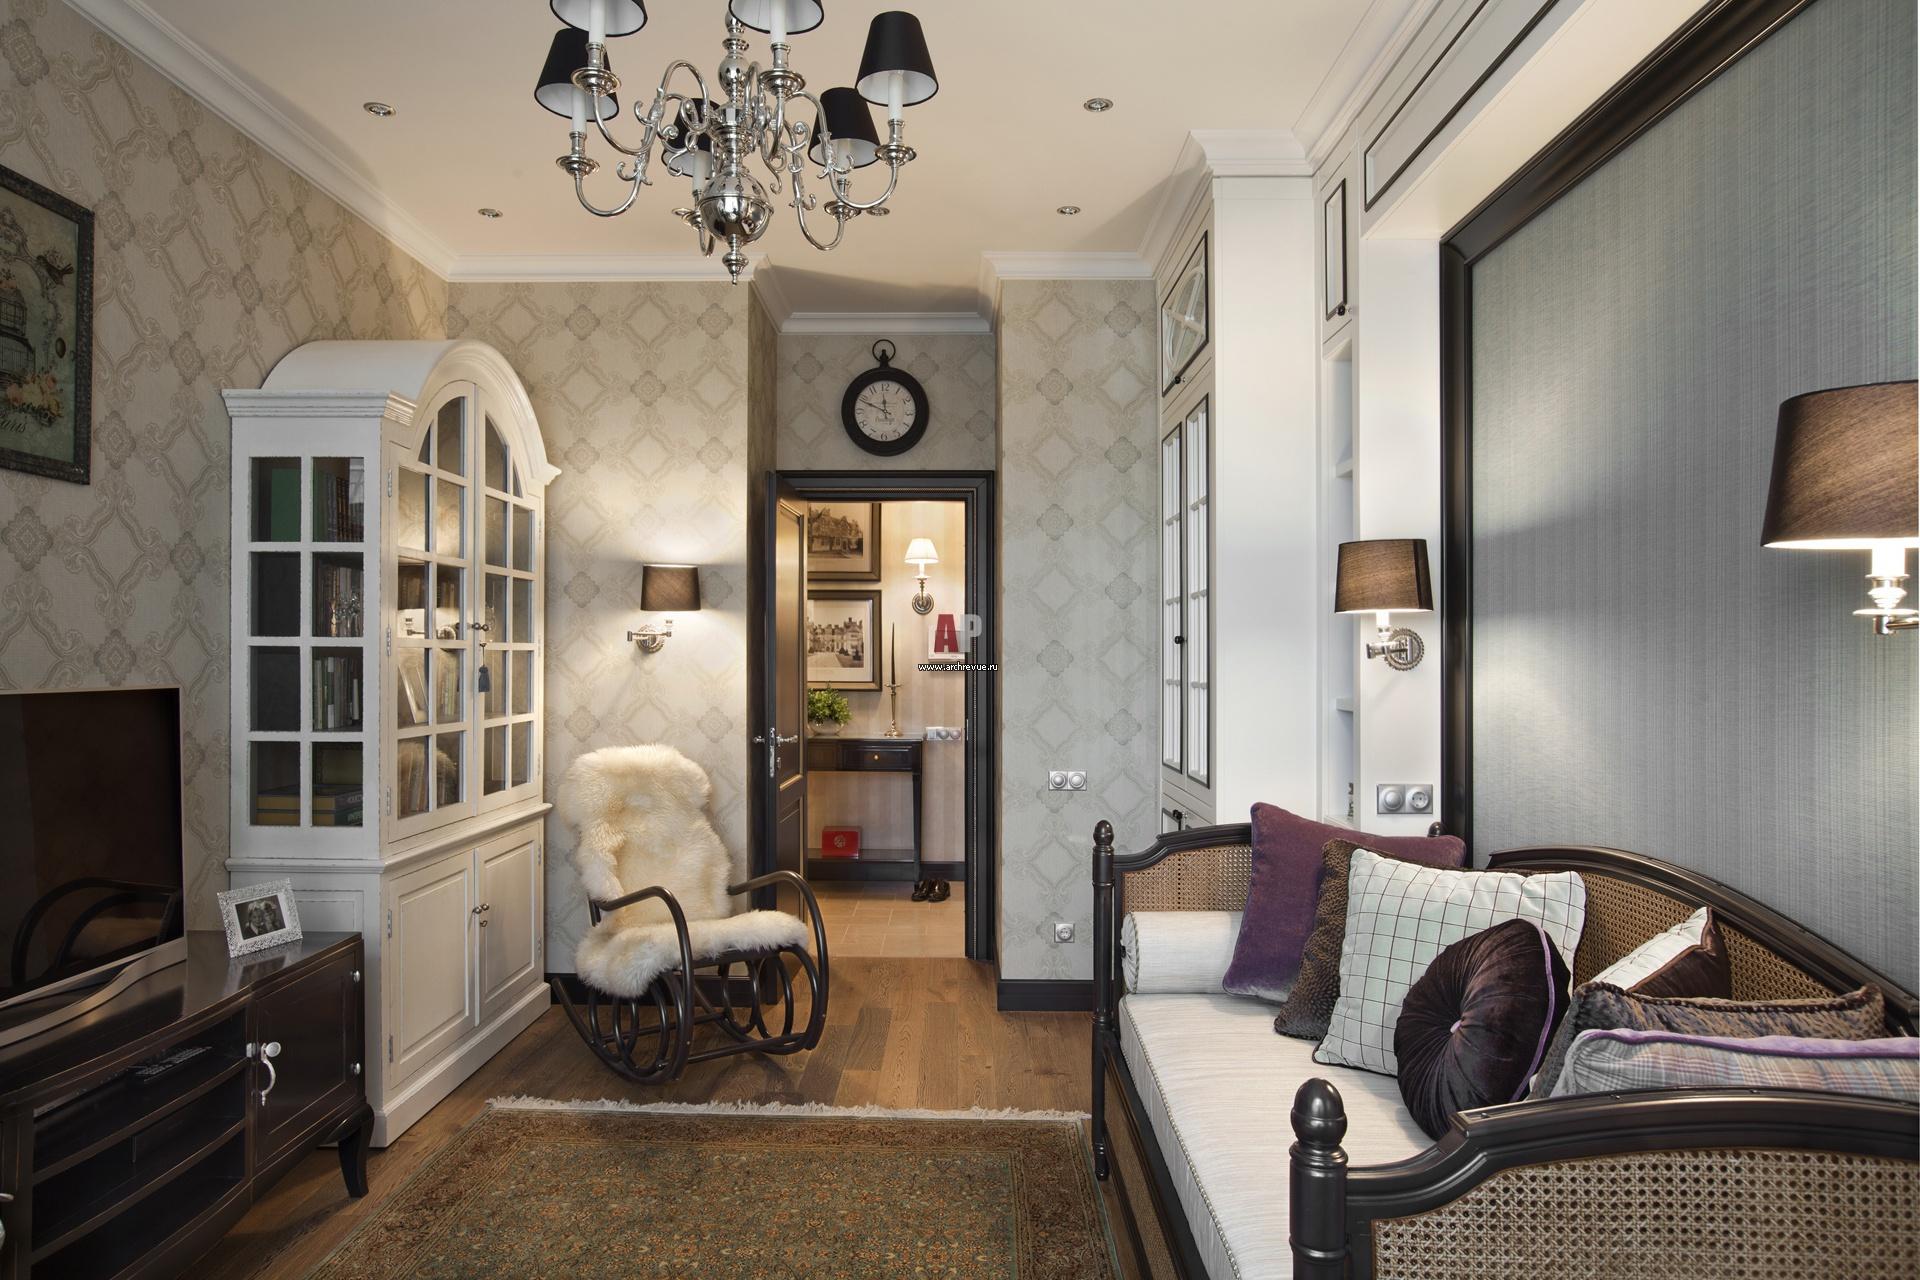 Фото интерьера гостиной небольшой квартиры